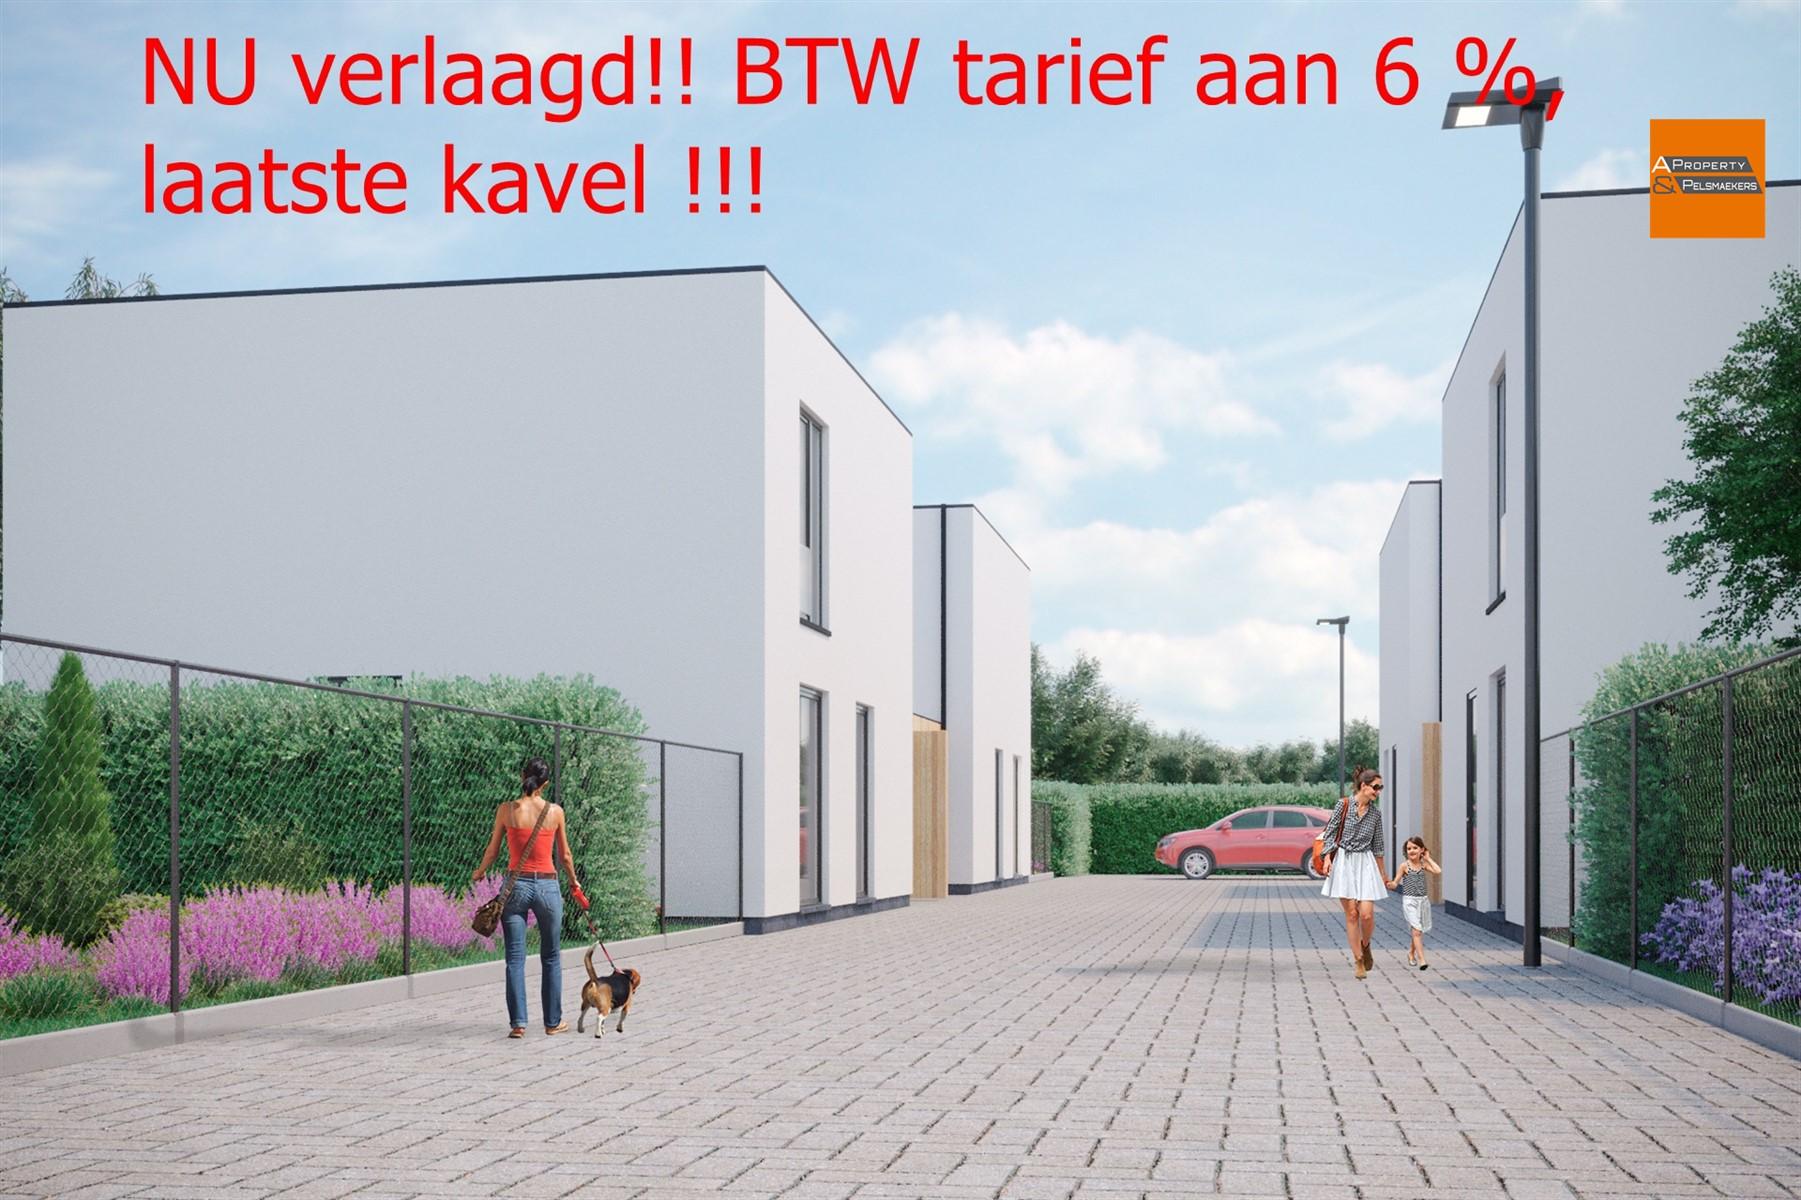 Real estate project : Adelhof  8 nieubouw energie zuinige woningen IN MEERBEEK (3078) - Price